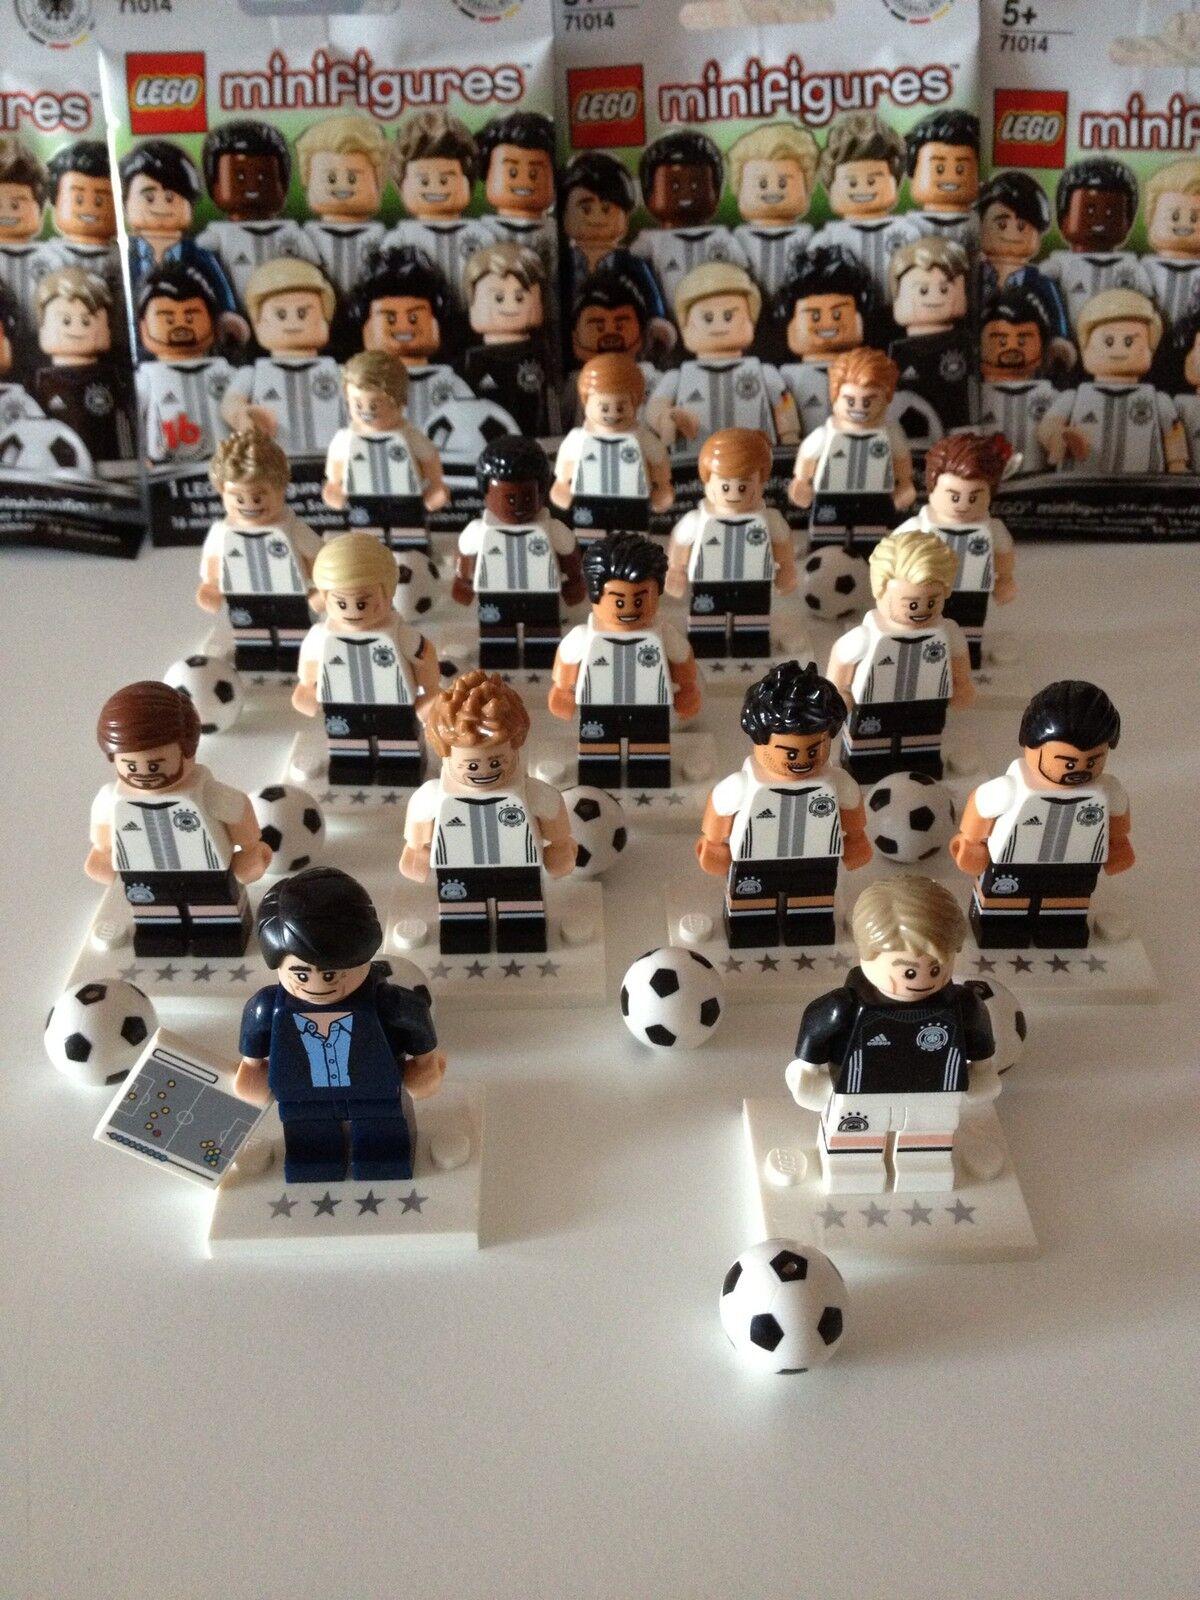 LEGO MINIFIGUREN 71014 DFB DIE MANNSCHAFT Fussball NEU Deutschland Komplett Set